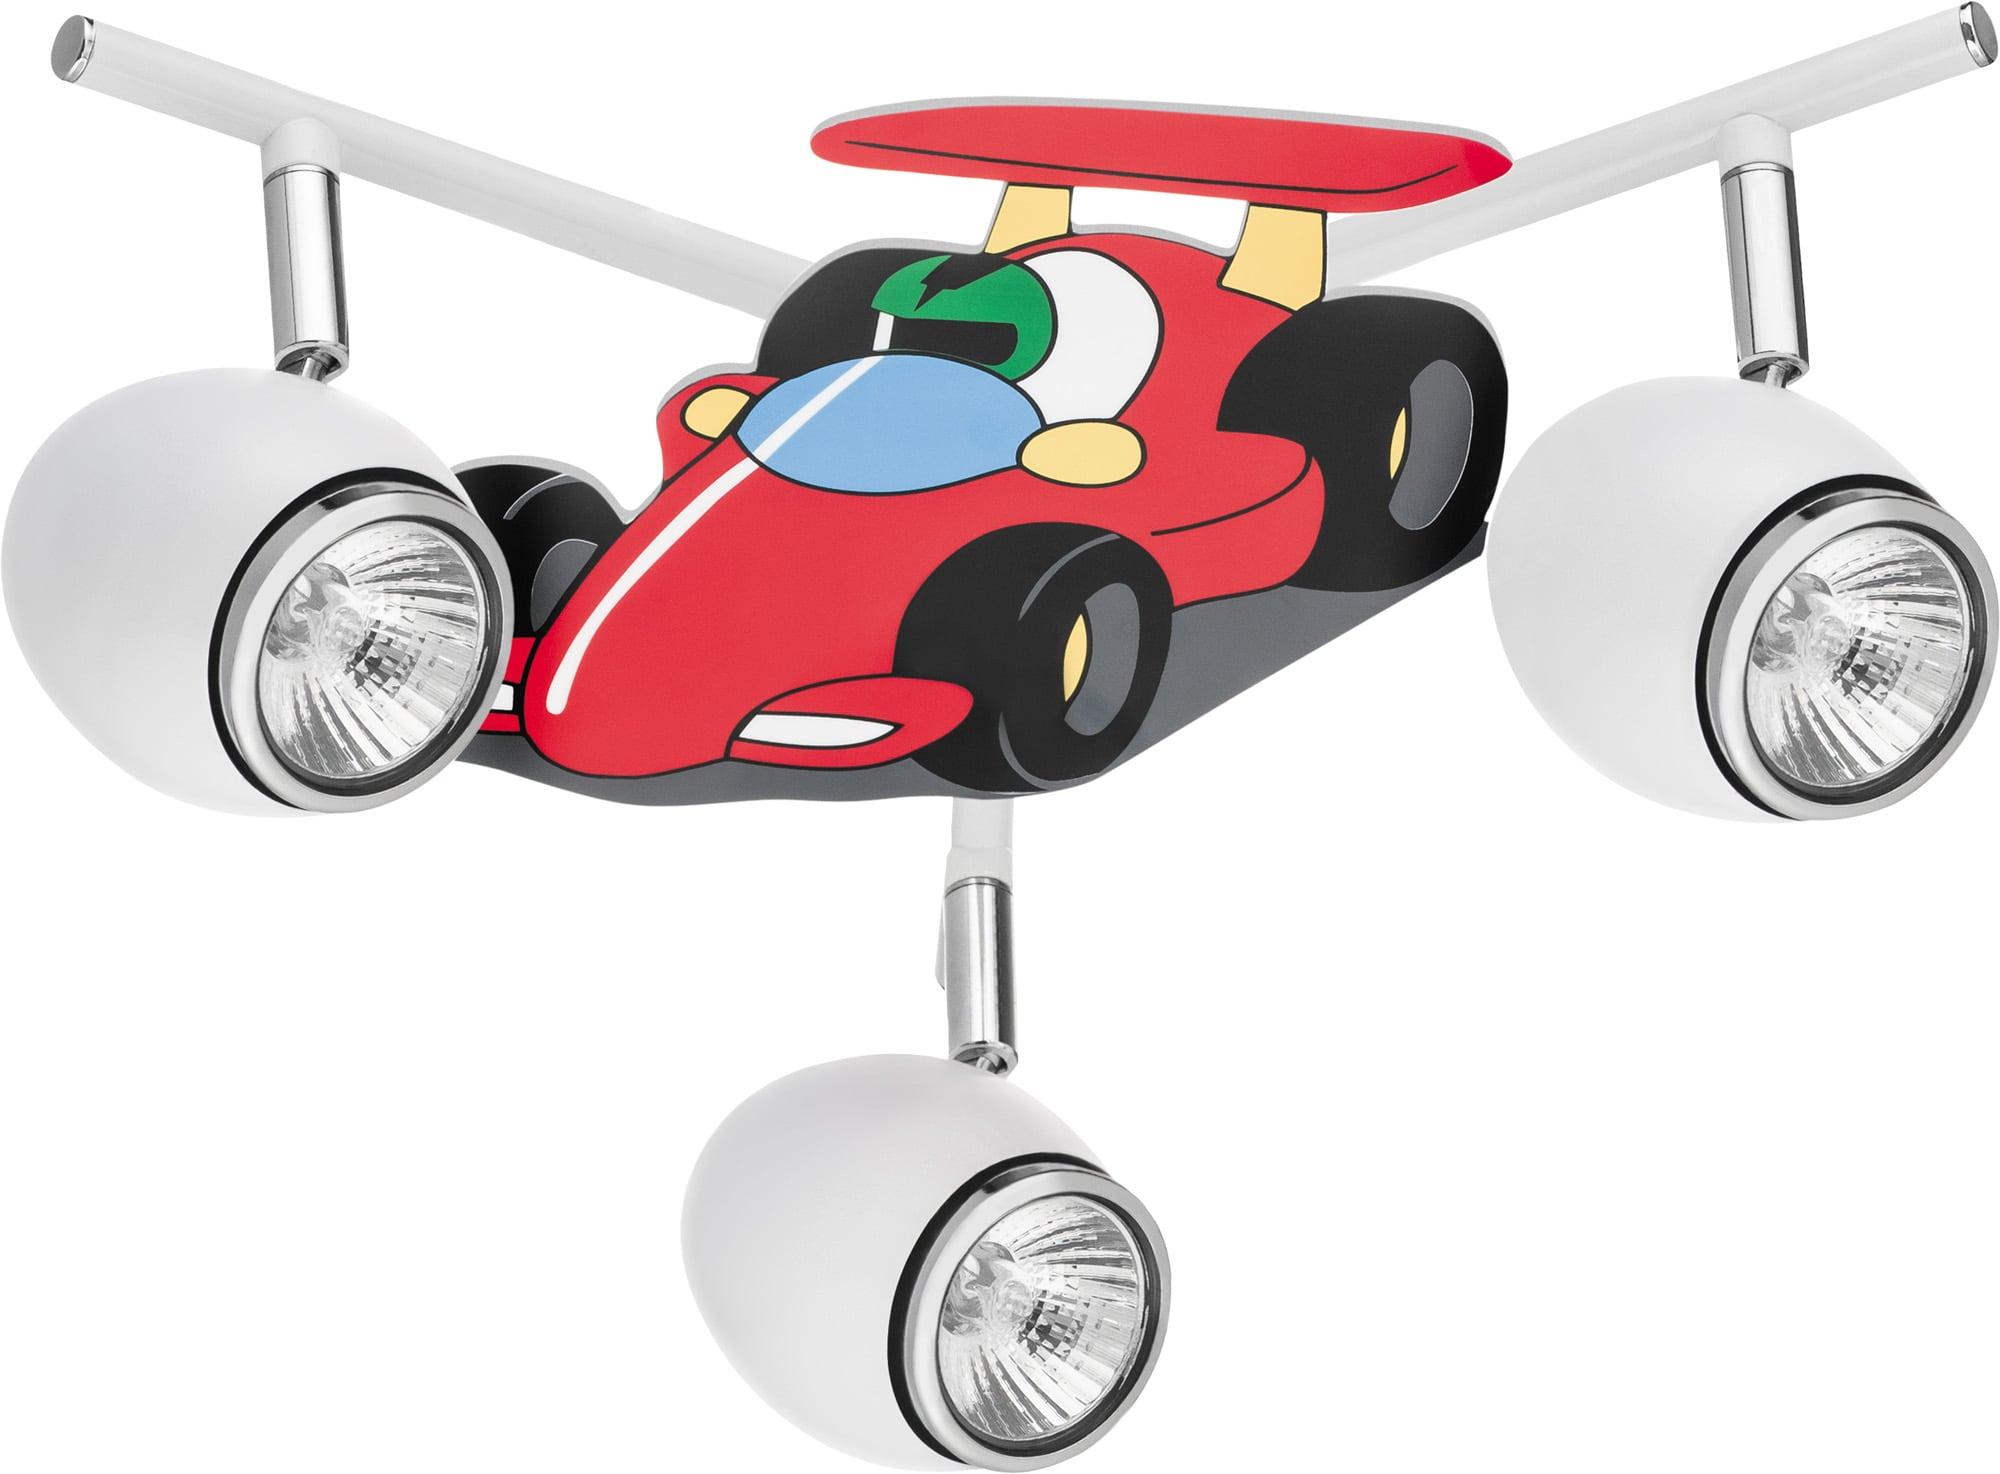 Lamp for a child Car race car - Car white / chrome 3x50W GU10